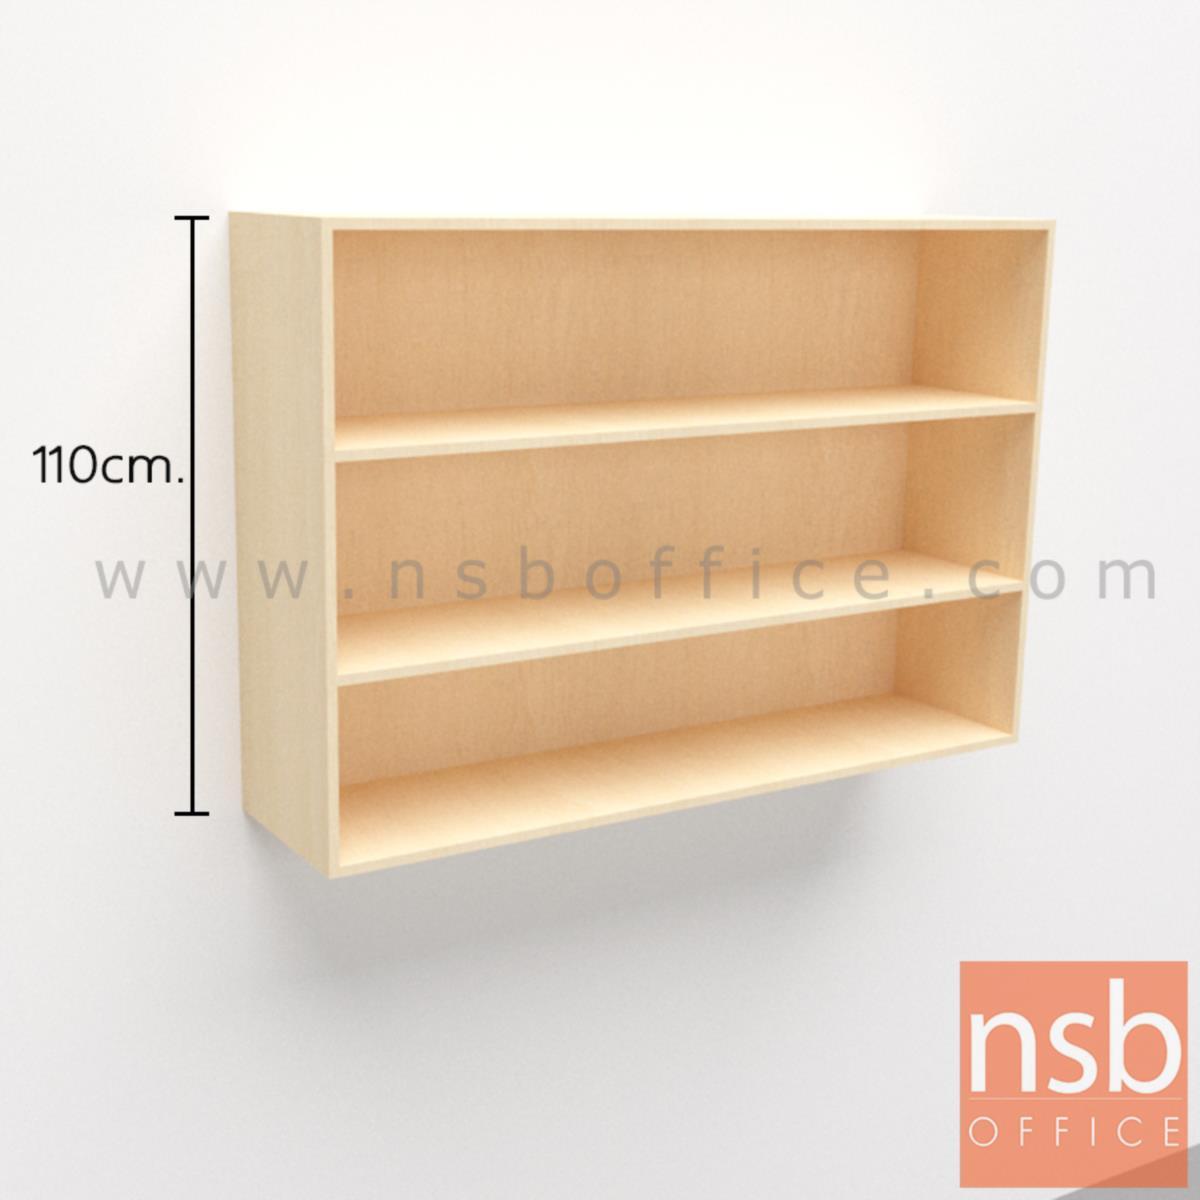 ตู้แขวนลอย ช่องโล่ง 3 ช่องวางแฟ้ม รุ่น Pentz (เพนซ์) 80W ,120W ,150W*110H cm.  เมลามีน